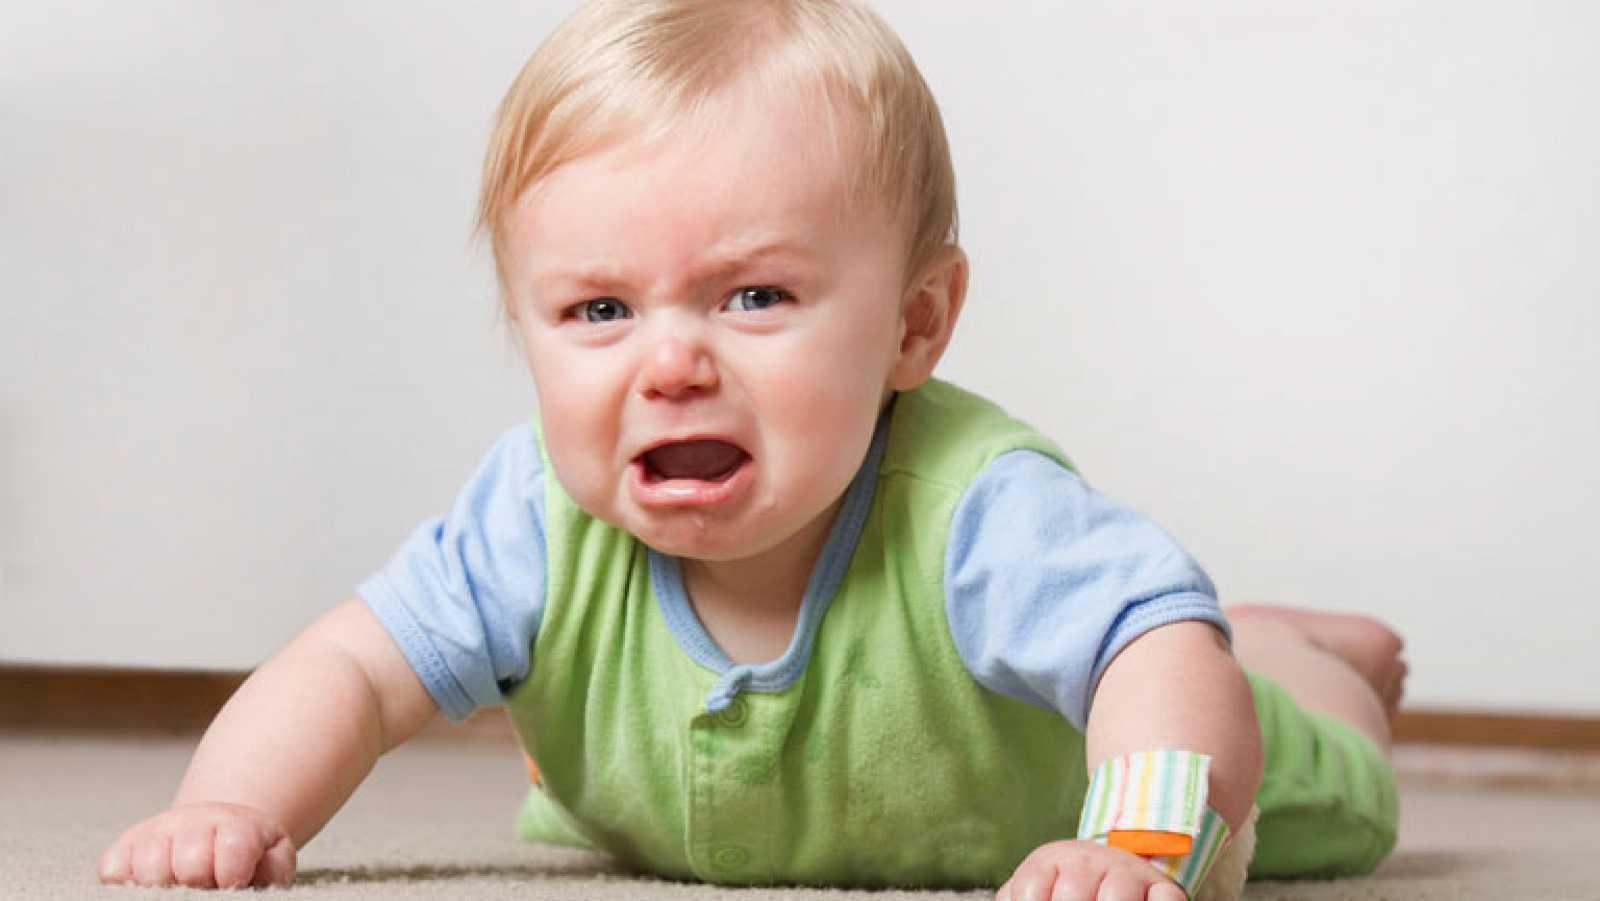 Lletra Lligada - Paraules de Nen 78. Paciència i tolerància